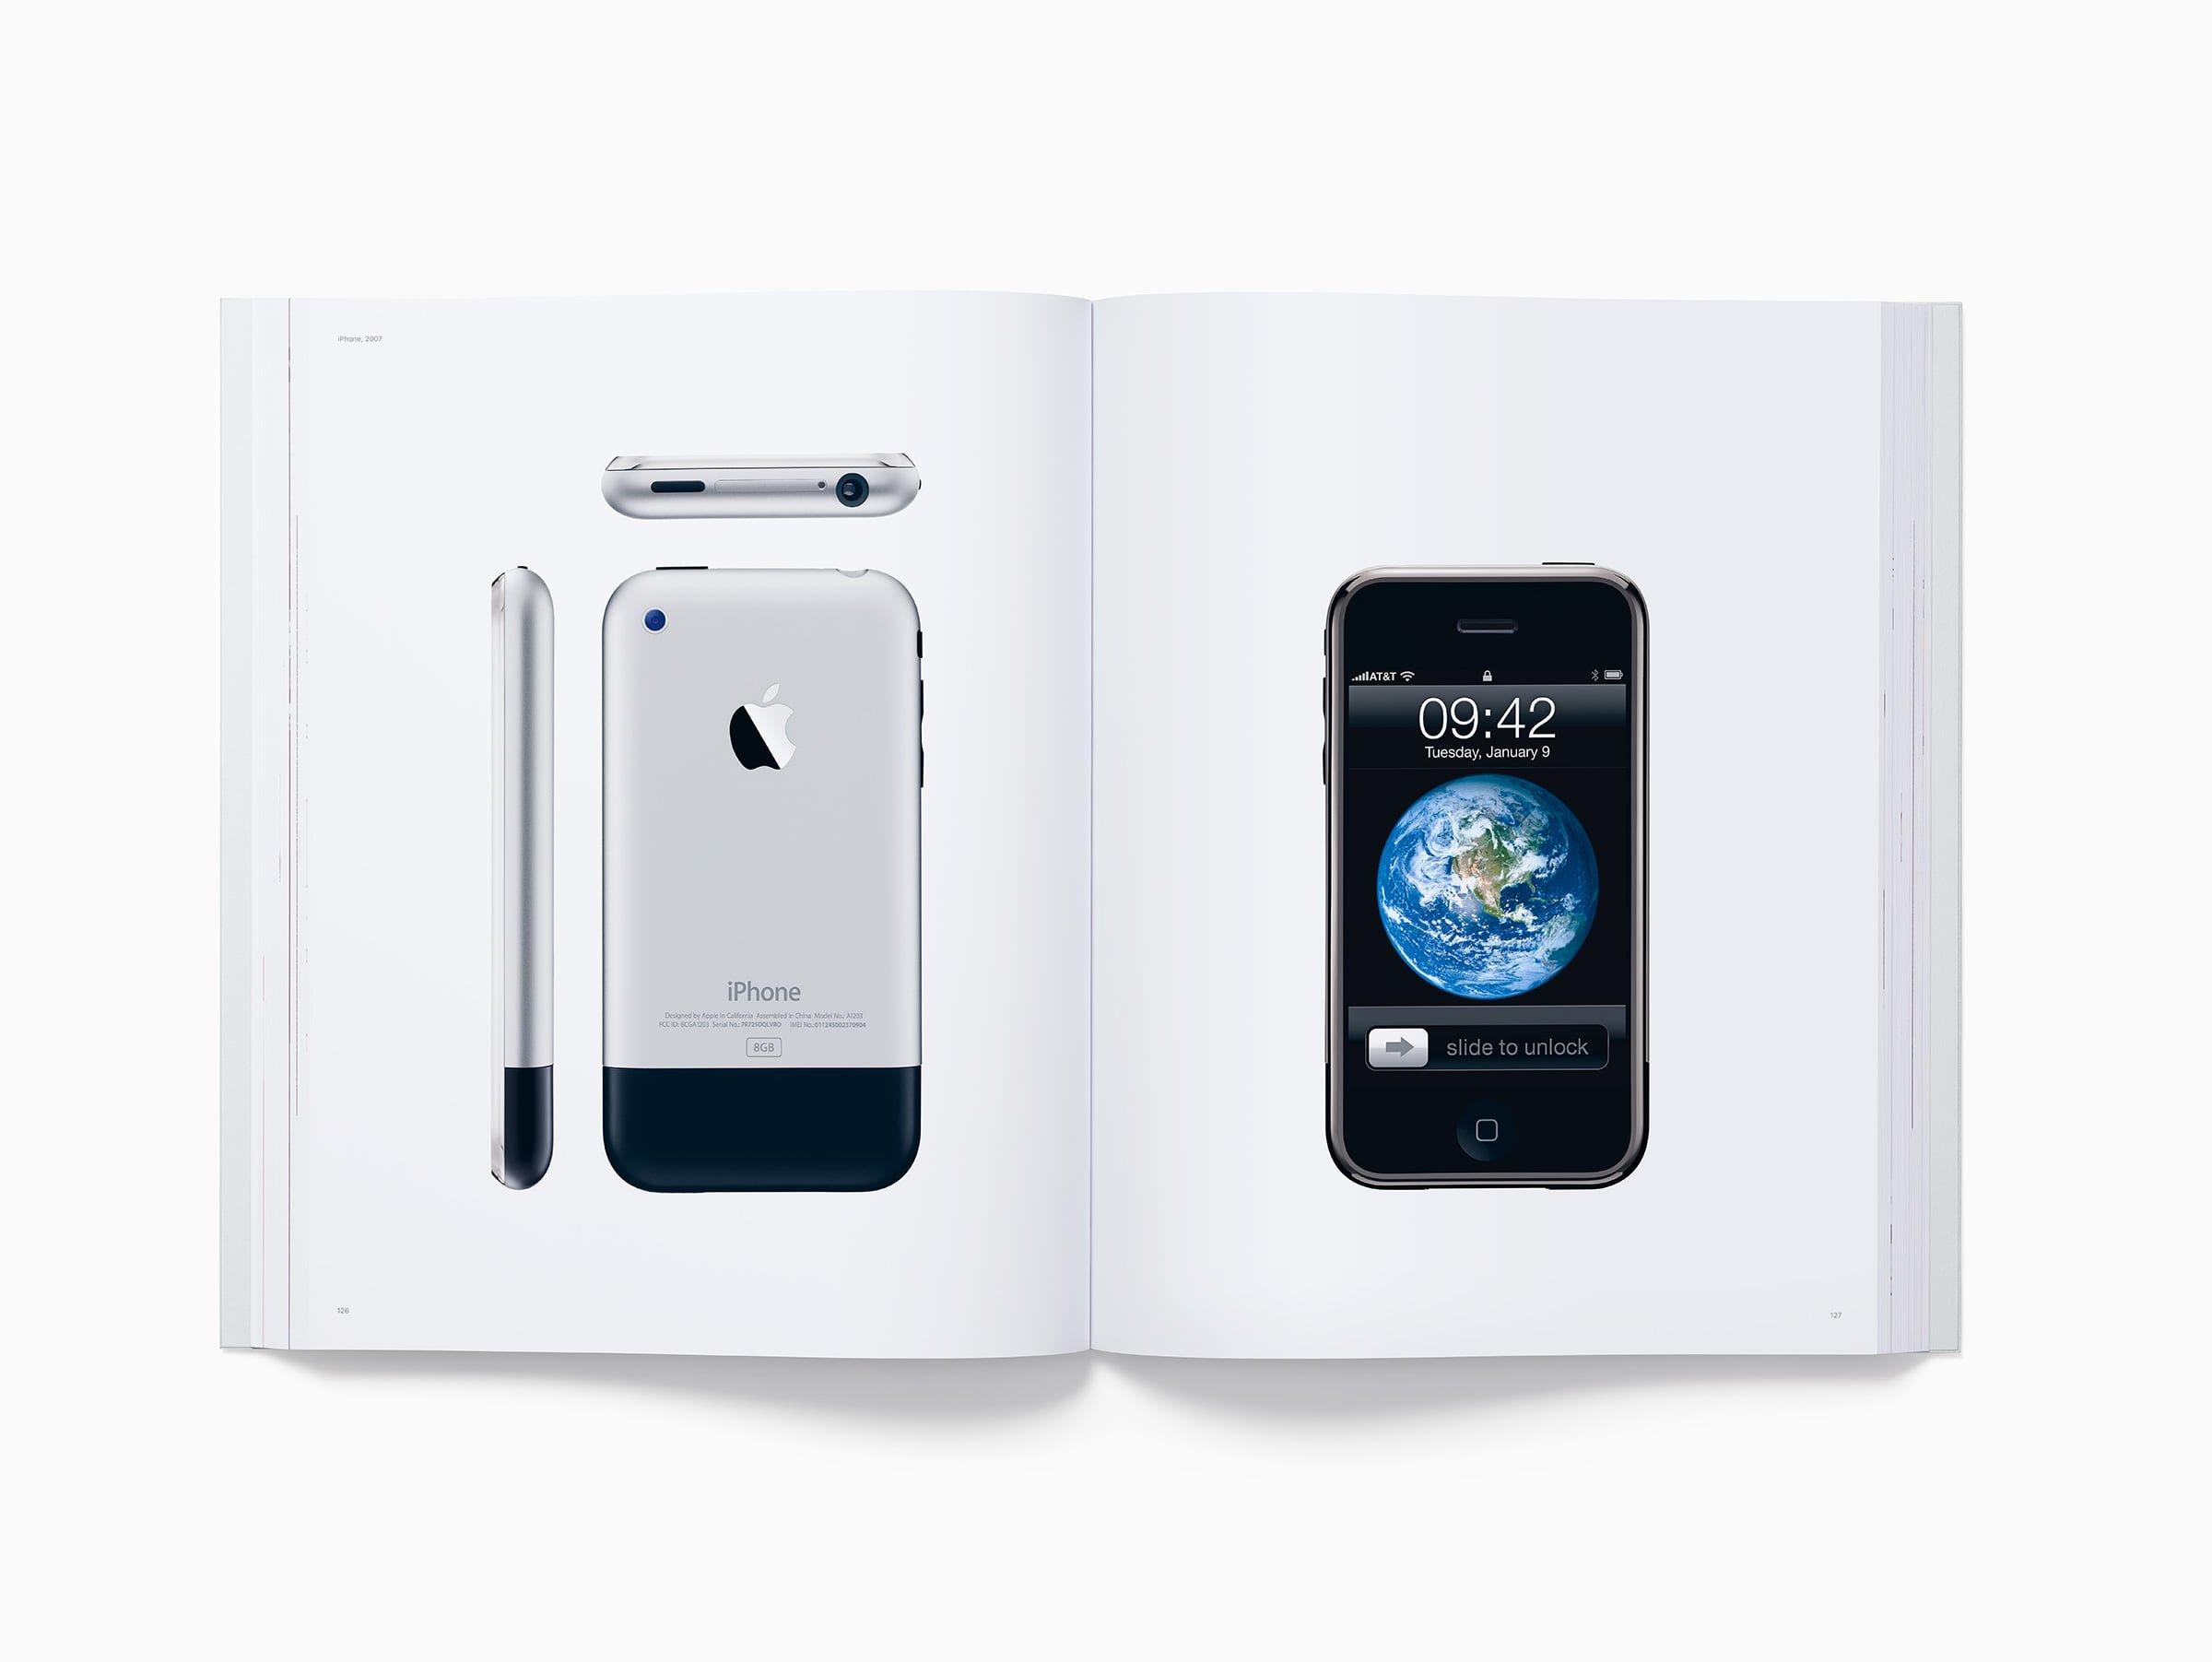 Nowy produkt w ofercie Apple. Jest nim... Album. Ceny zaczynają się od 199 dolarów 28